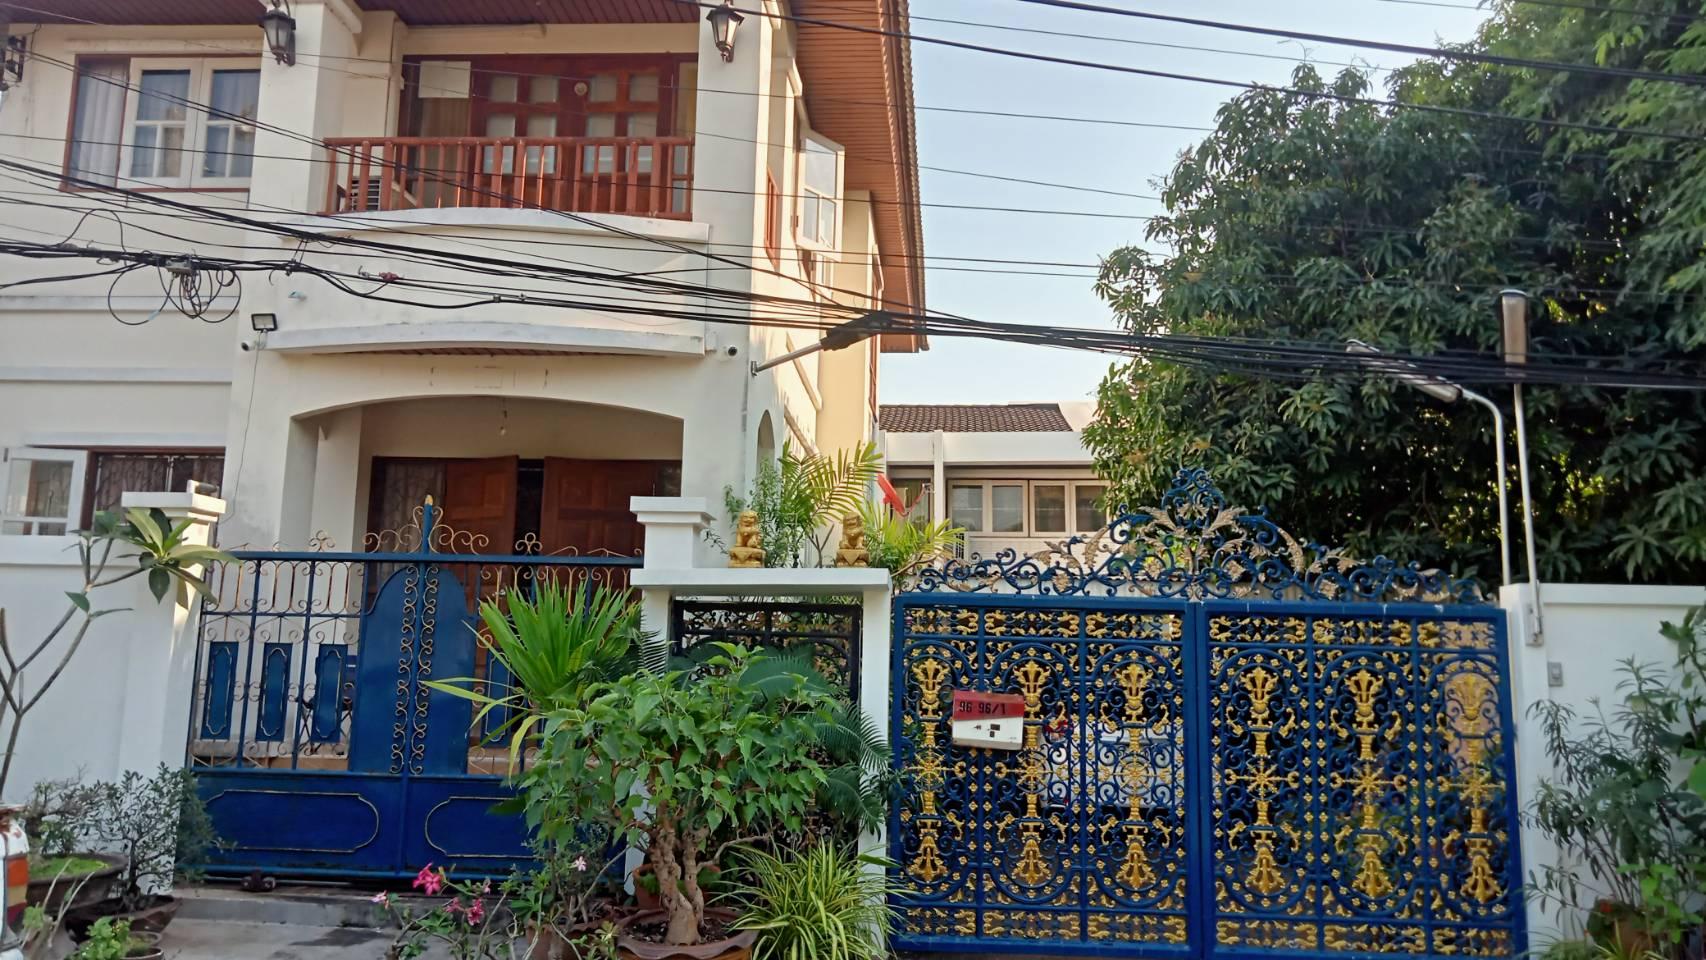 ขายบ้านเดียว 100 ตรว ทำเลดีบนถนนพัฒนาการ คุ้มค่าคุ้มราคาที่สุดในทำเลนี้มีบ้าน 2 หลังในเนื้อที่